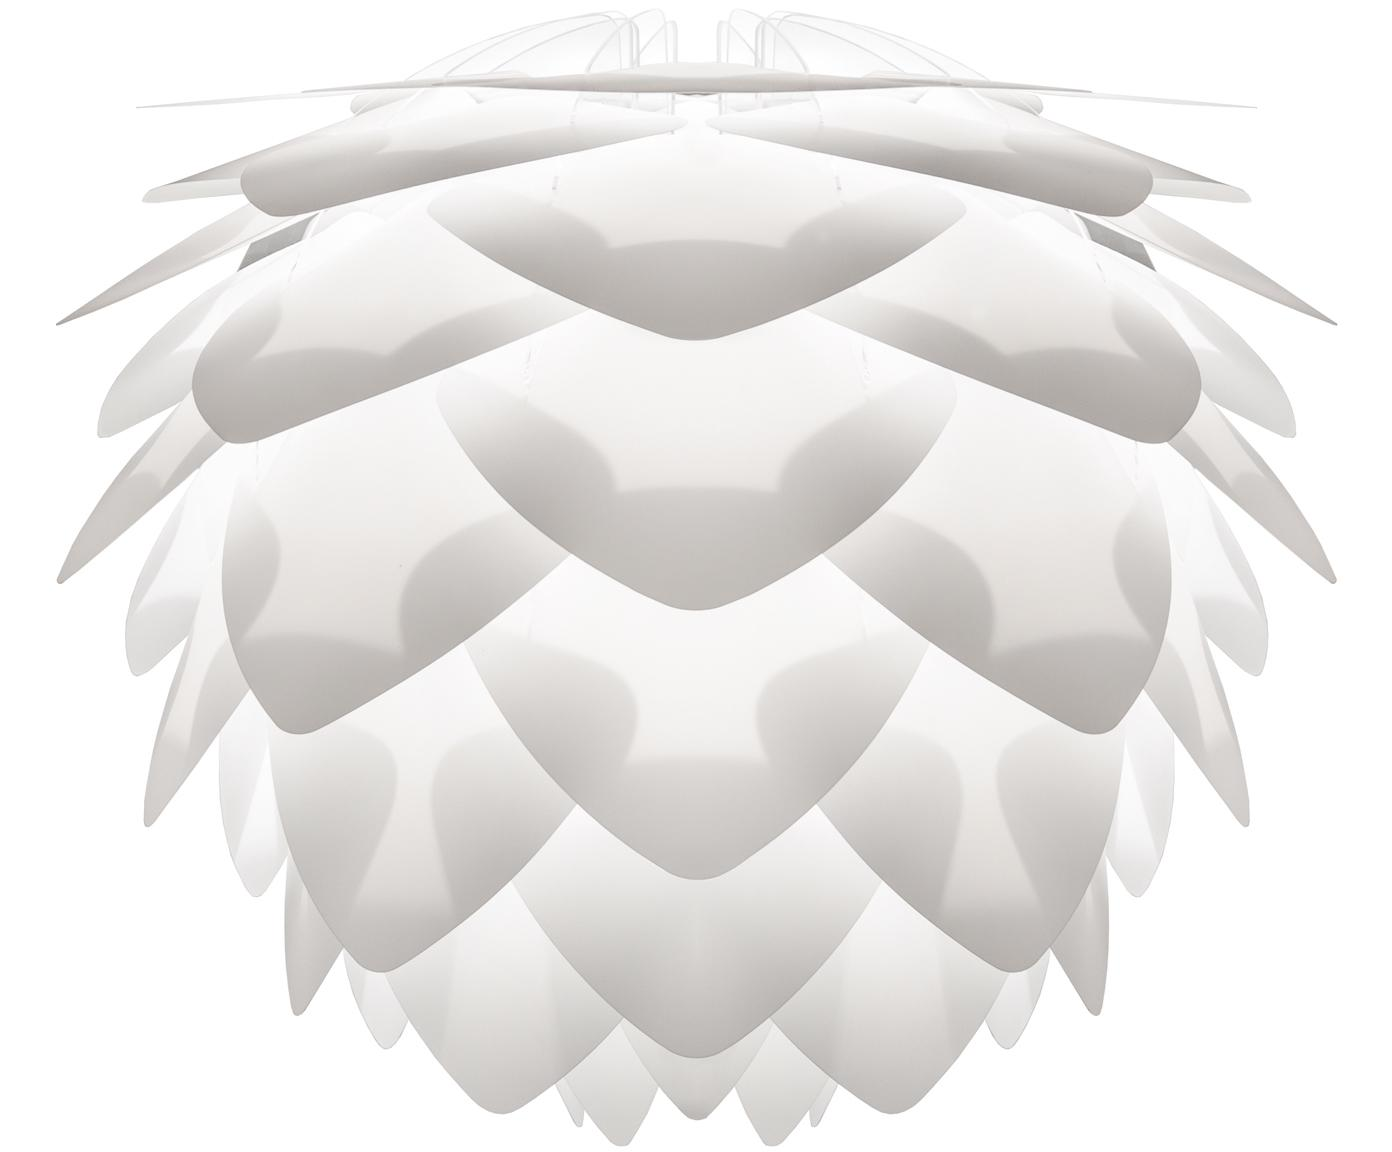 Klosz Silvia, Polipropylen, poliwęglan, Biały, Ø 32 x W 25 cm